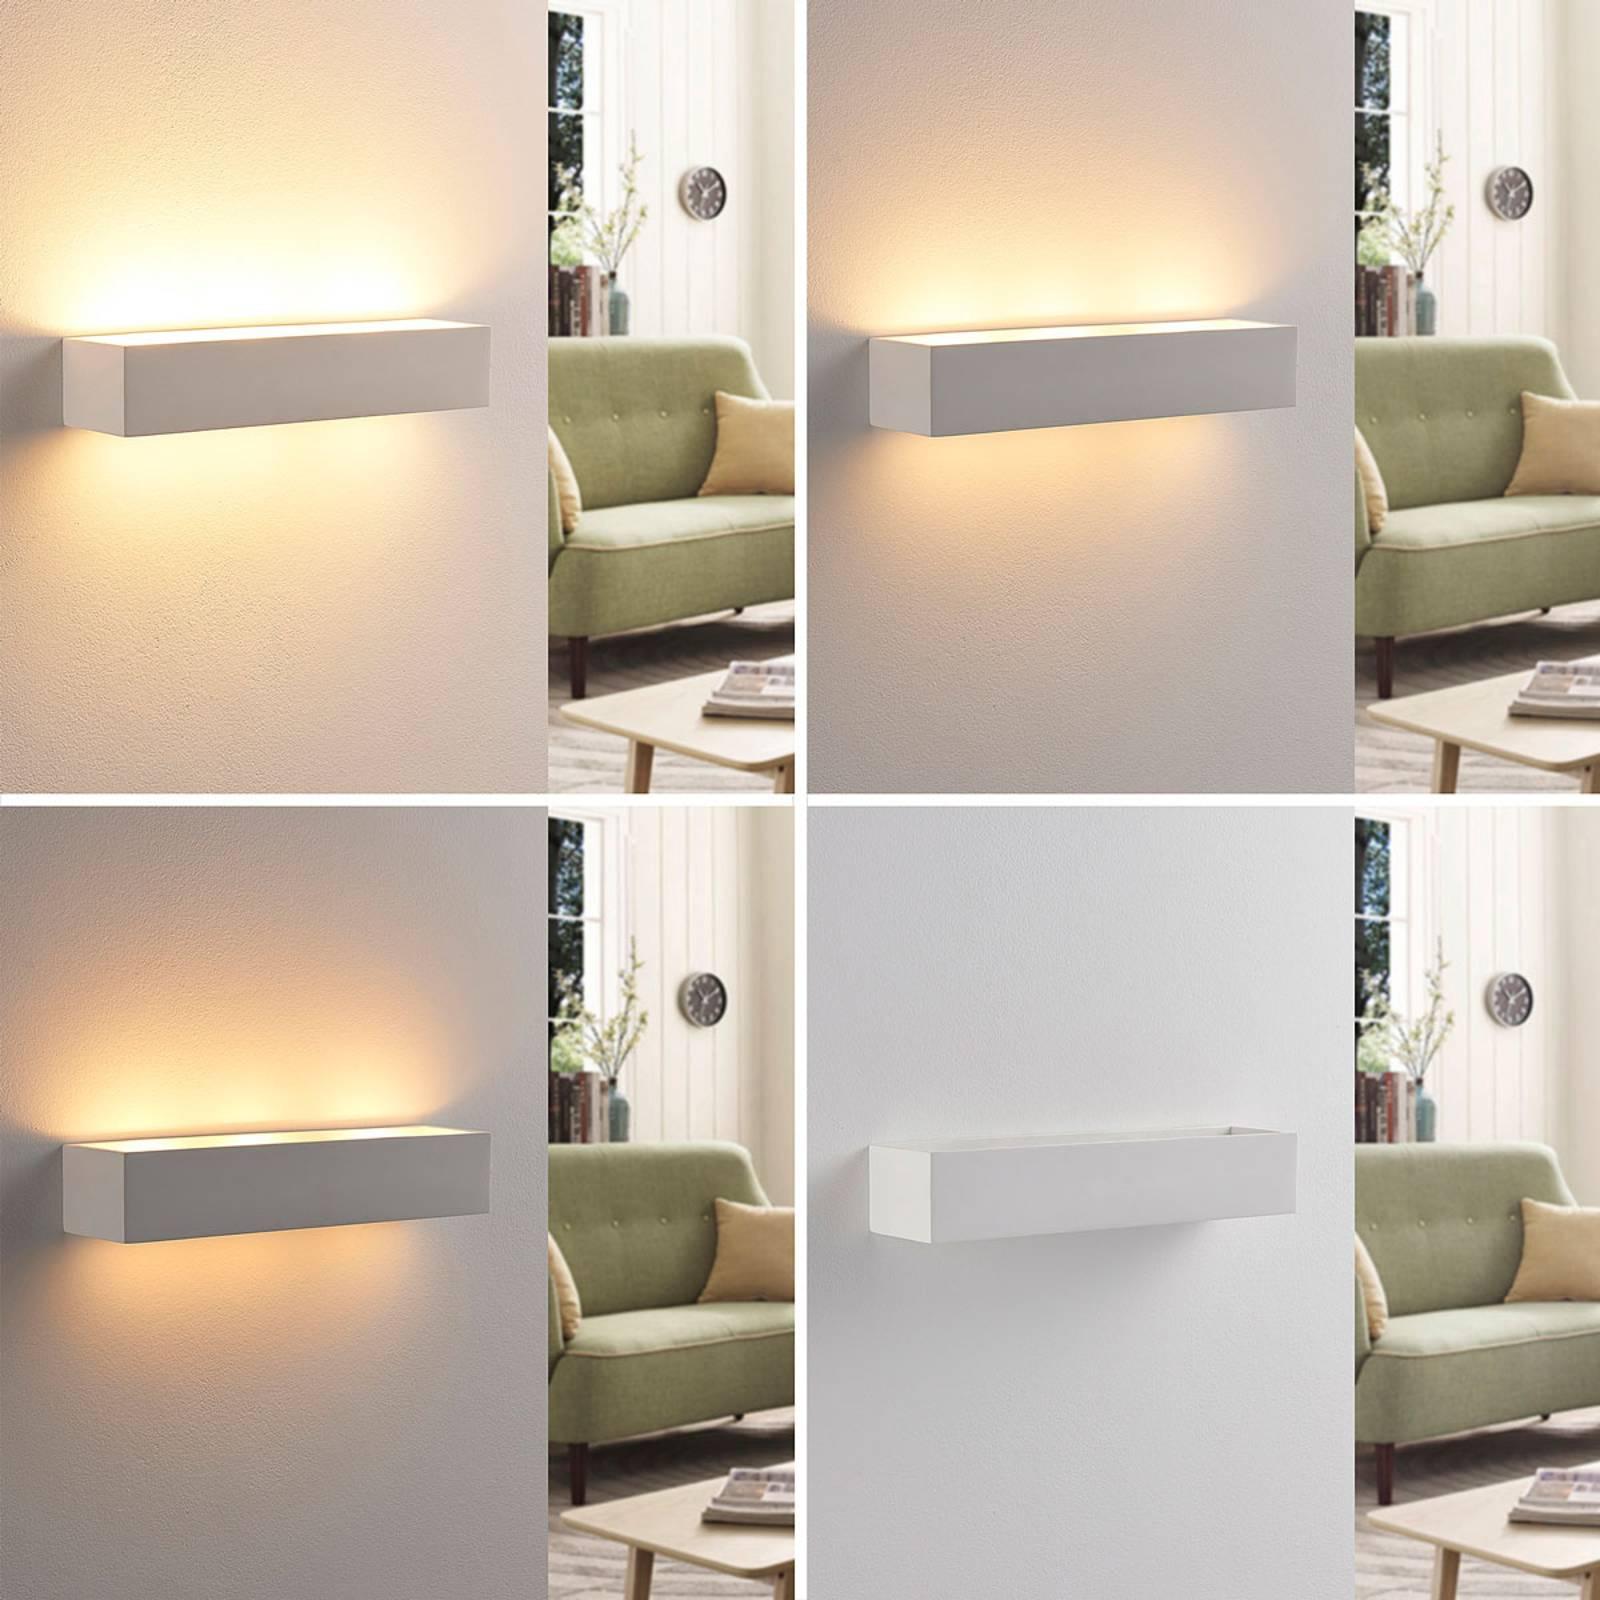 Arya – LED-seinävalaisin valkoista kipsiä